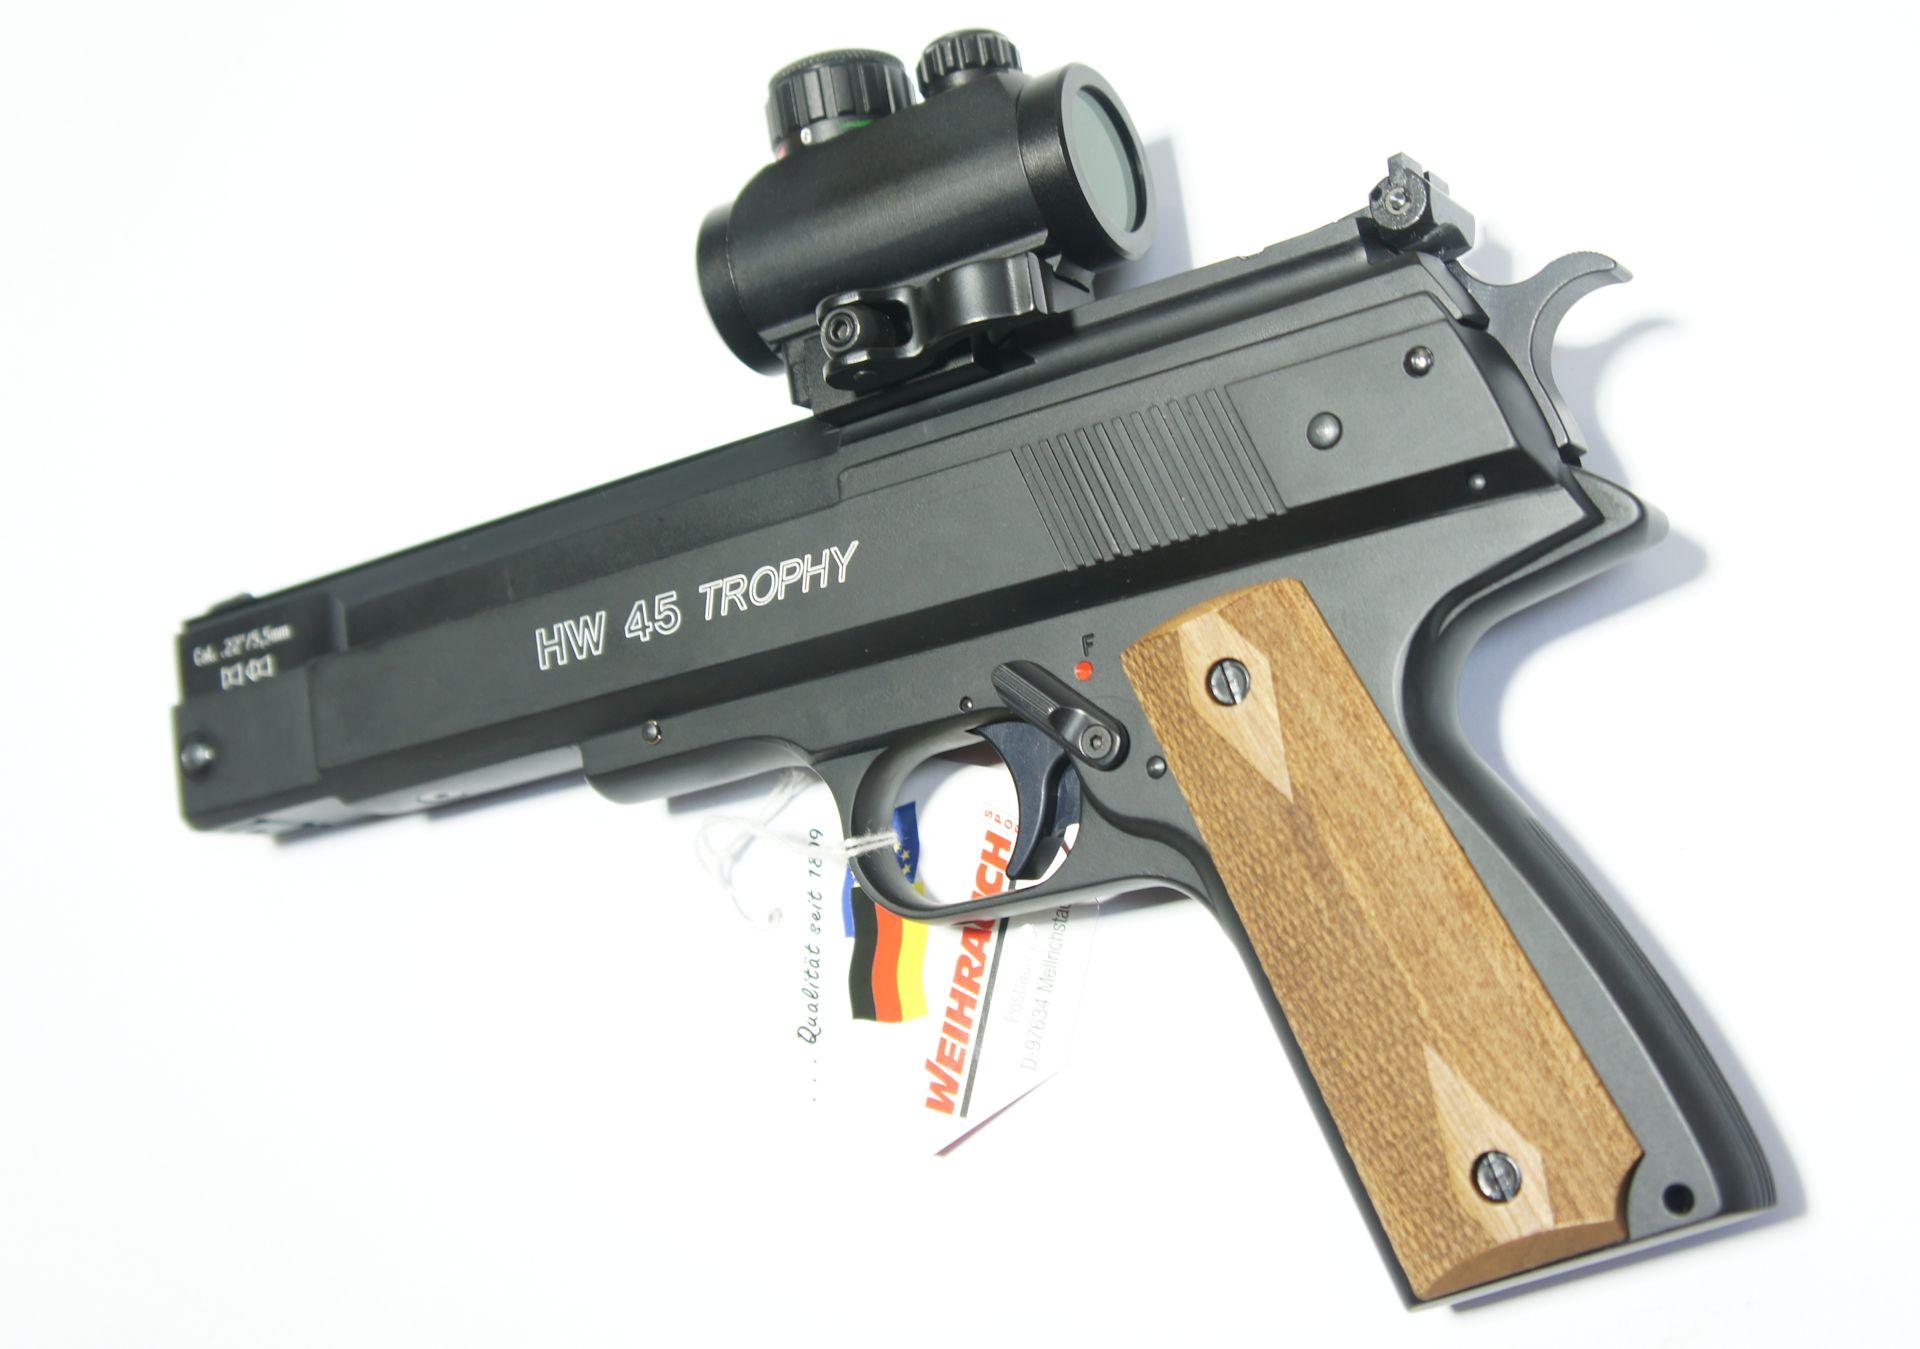 Mit dem Schnellspanner kann die Optik in Sekundenschnelle auf- und abgebaut werden.